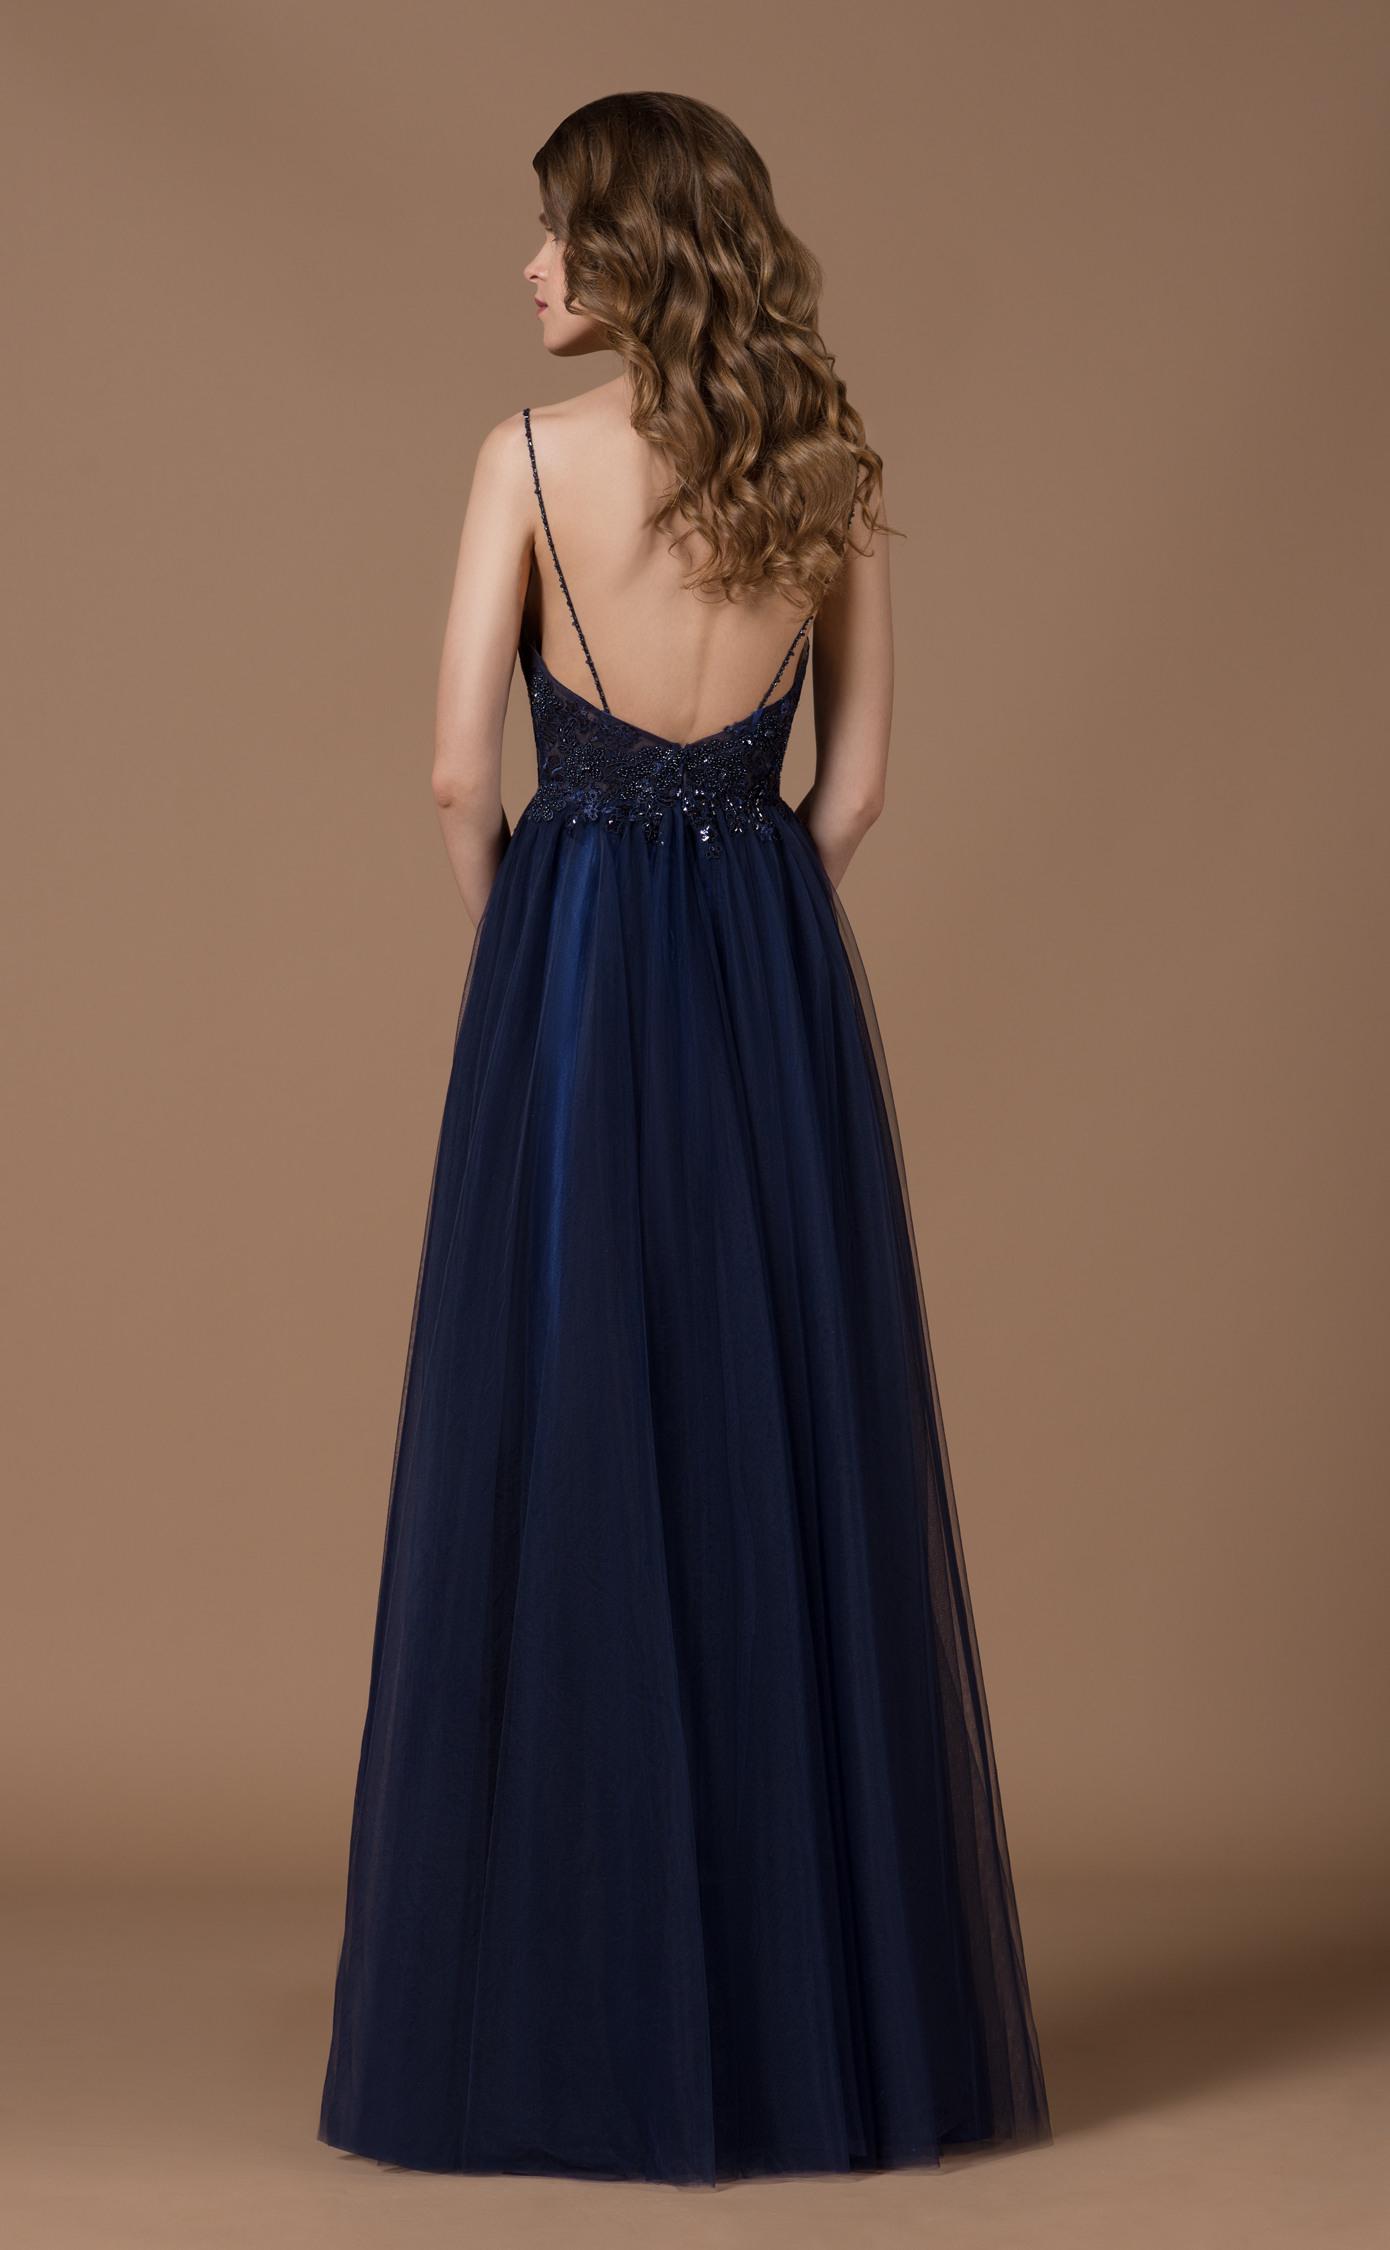 Kreativ Abend Kleid Dunkel Blau Stylish20 Genial Abend Kleid Dunkel Blau Ärmel